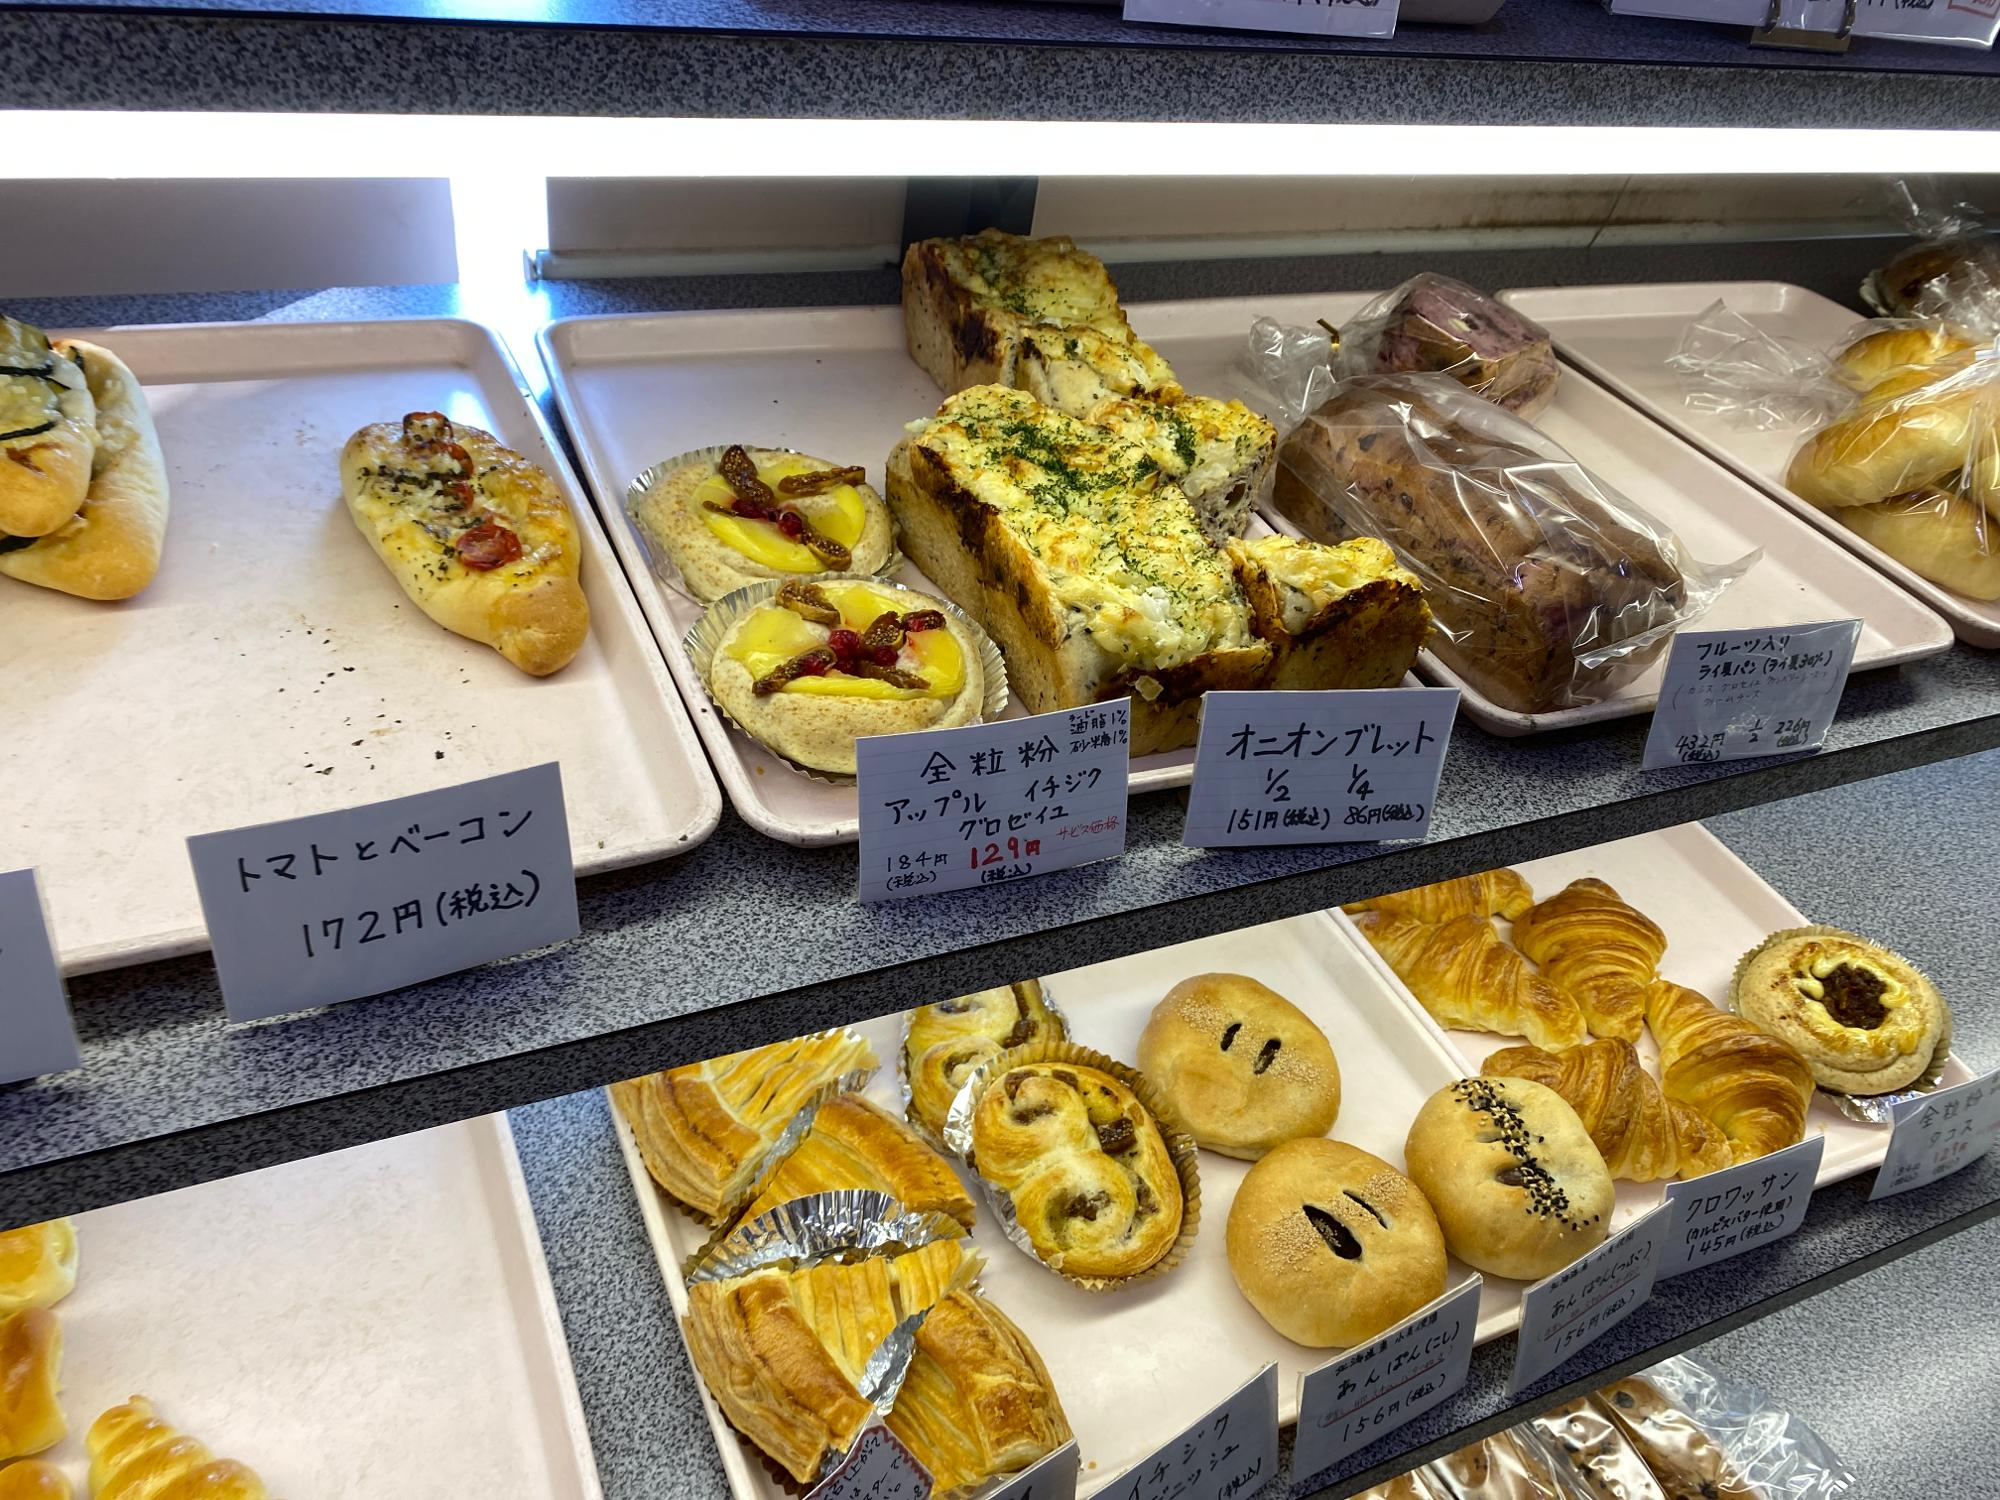 たくさんの種類のお総菜パンや菓子パンなど